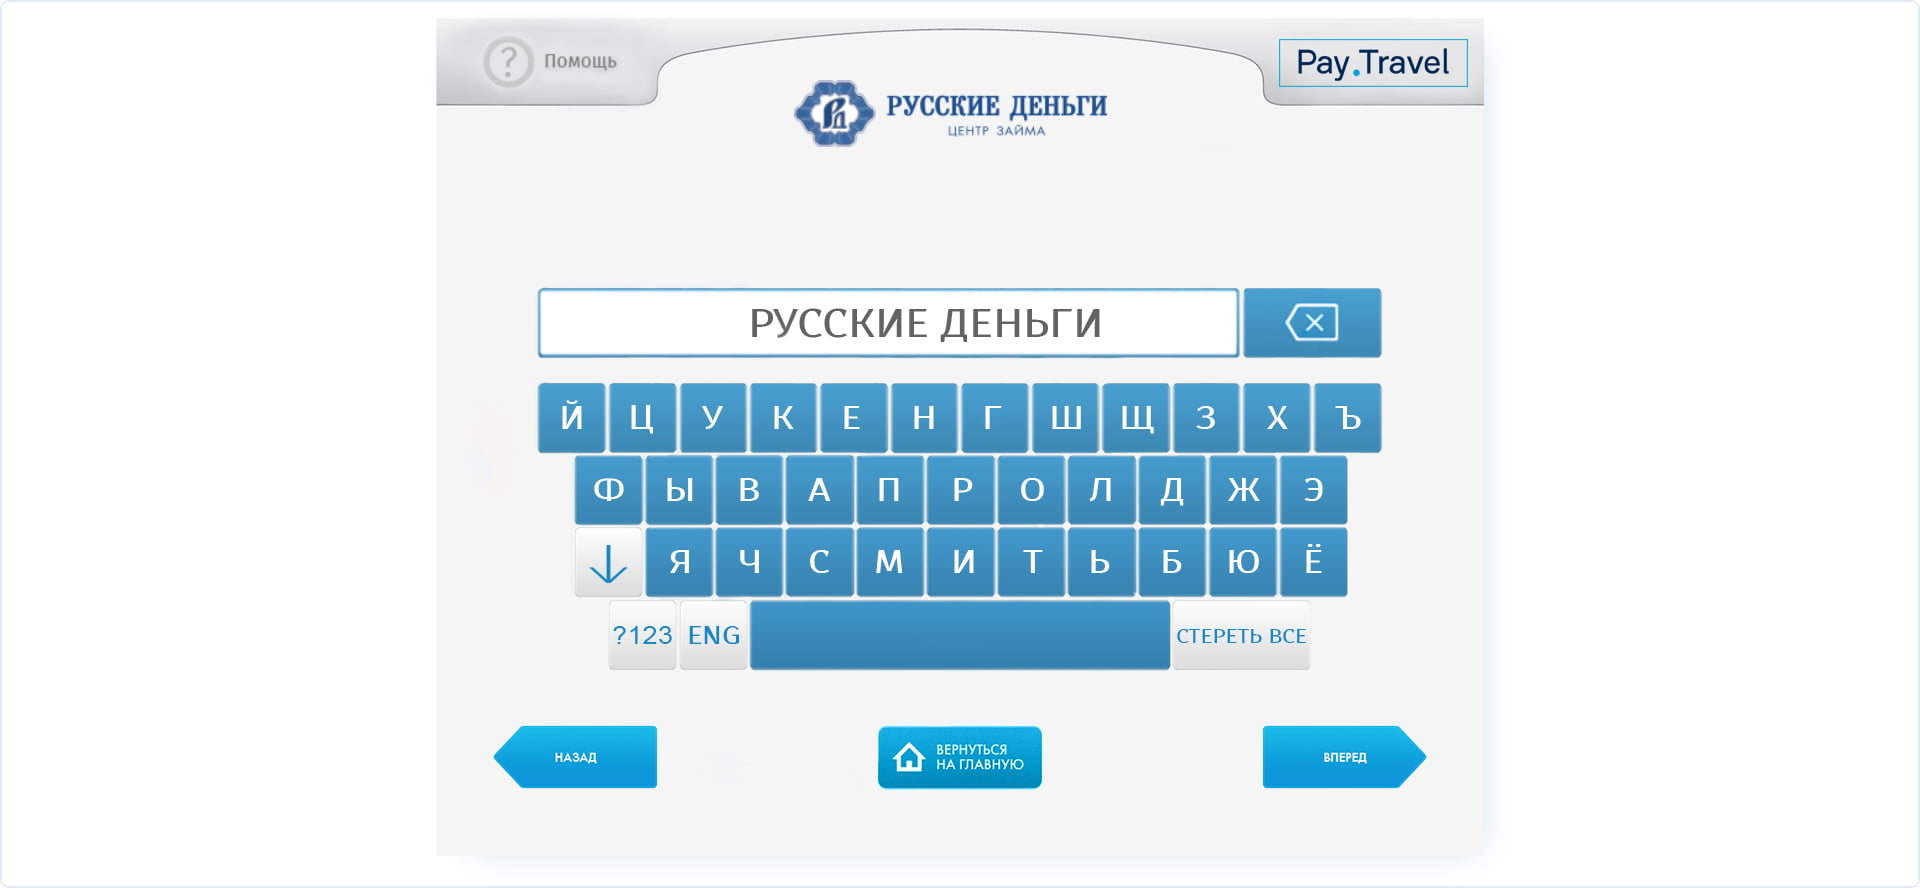 Личный кабинет русские деньги центр займа